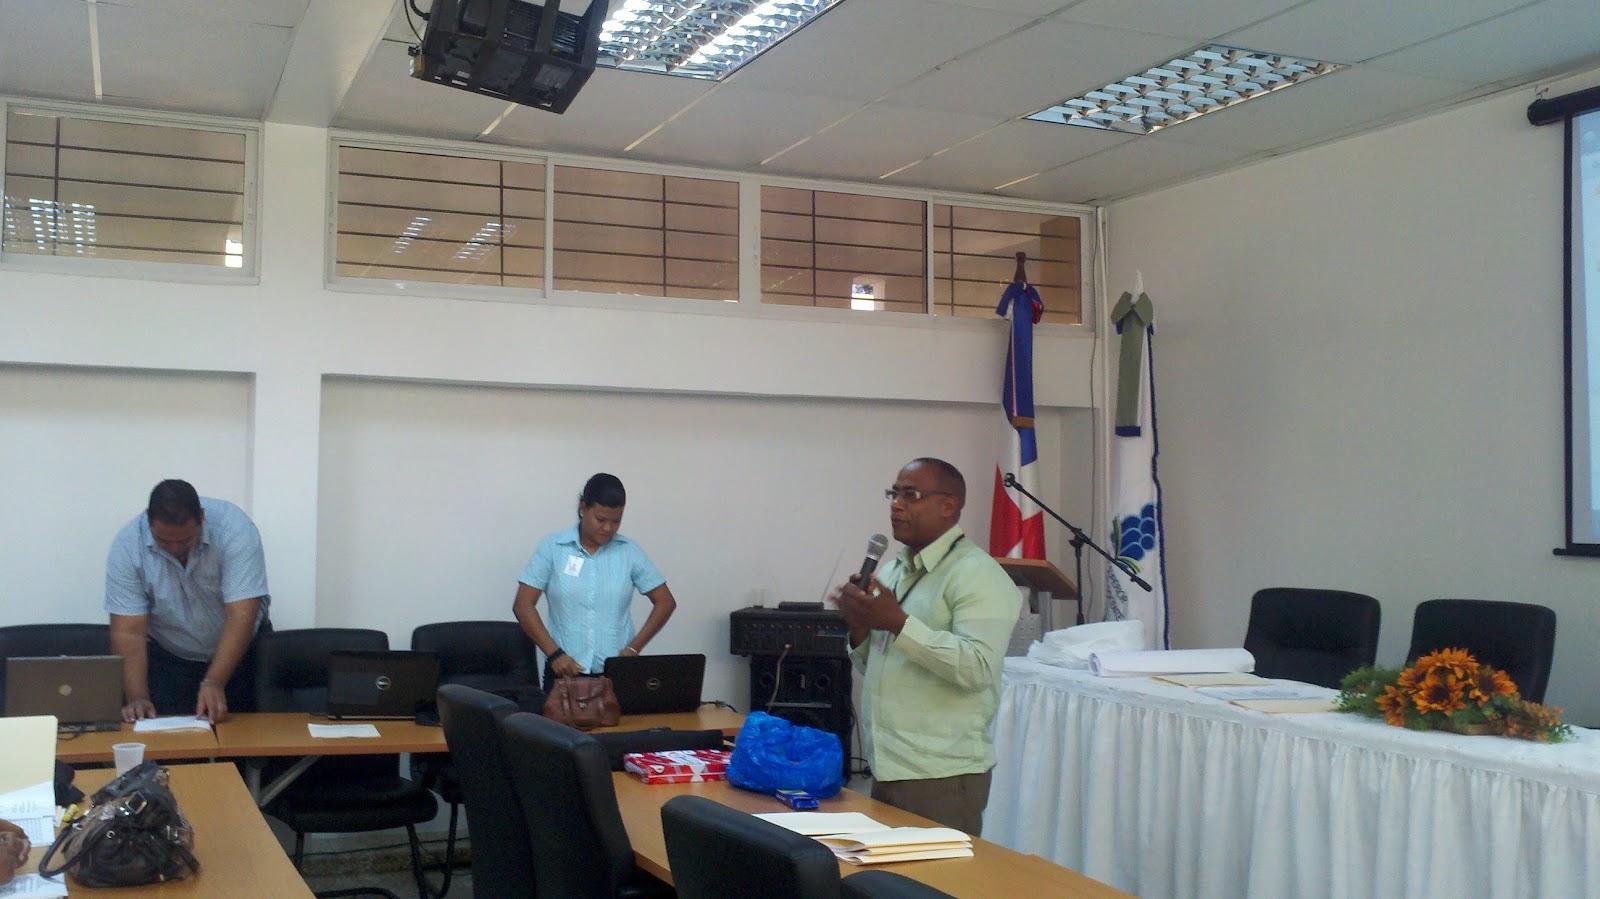 Participaci n comunitaria san juan este taller for V encarnacion salon